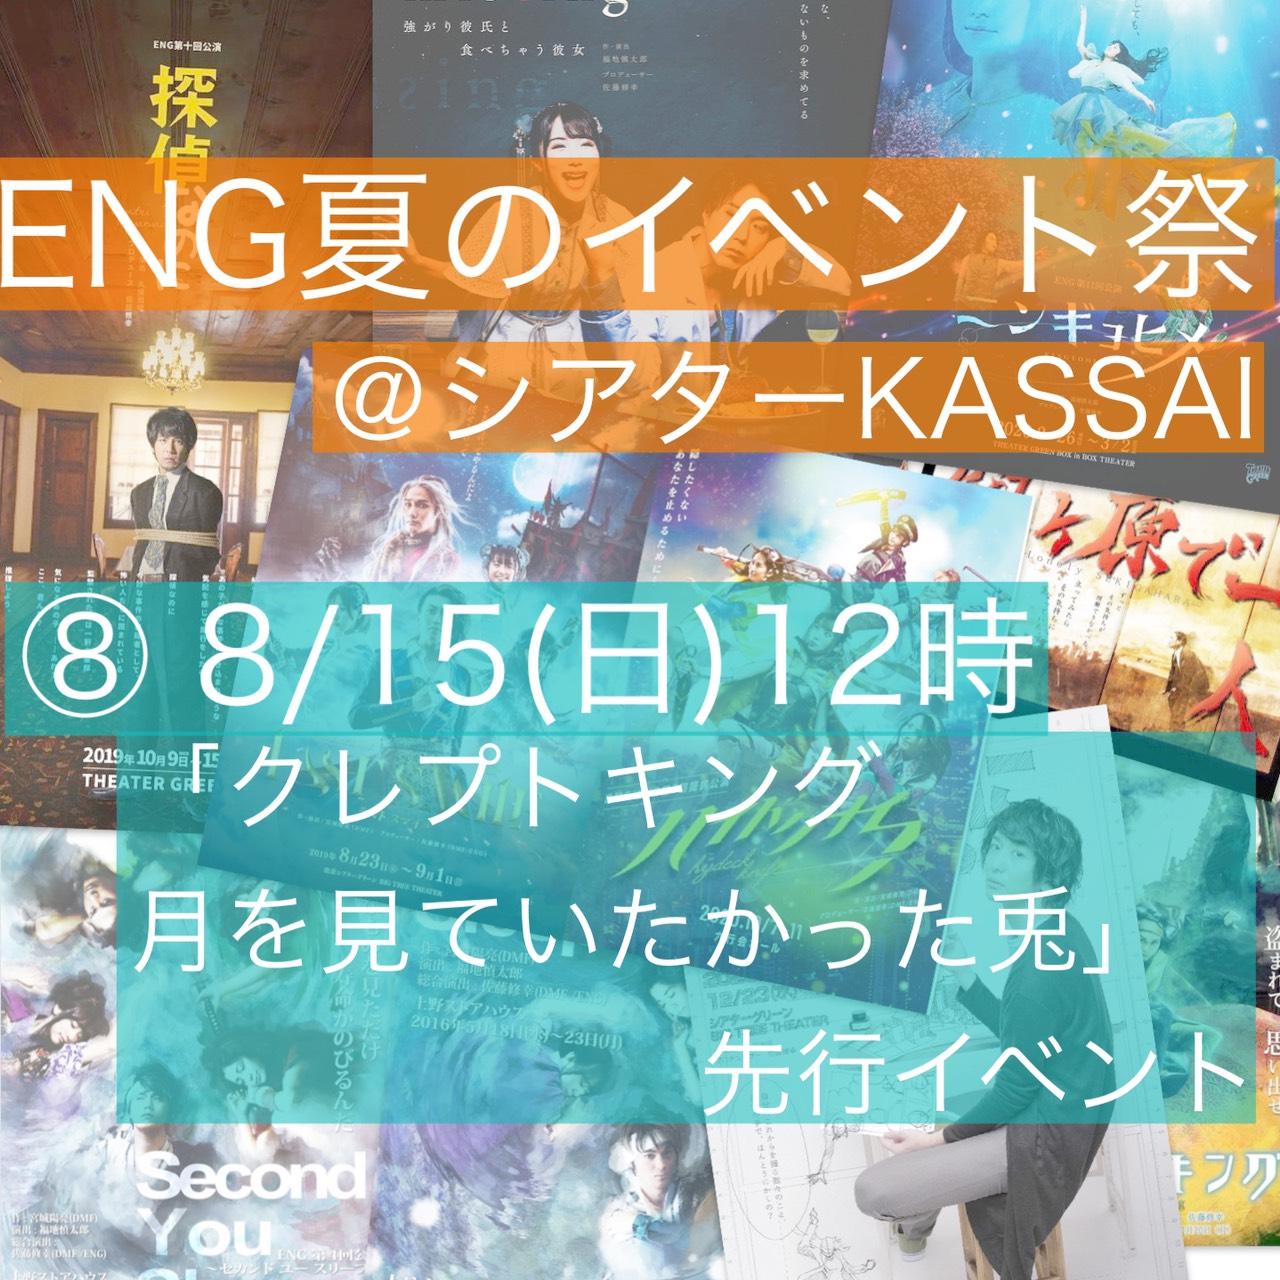 _08【ENG夏のイベント祭 8/15(日)12時】「クレプトキング 月を見ていたかった兎」先行イベント